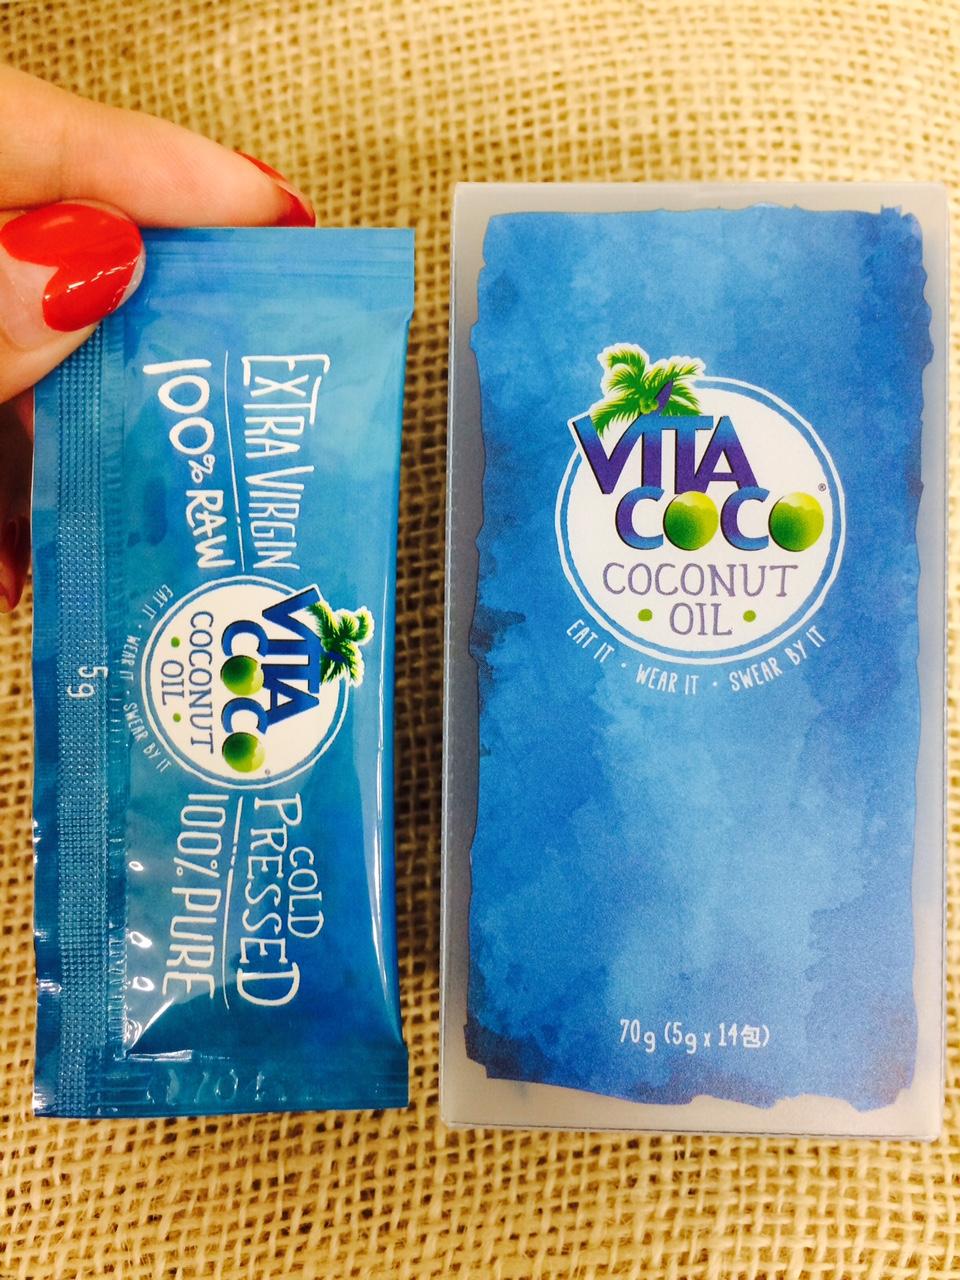 いつでも側にココナッツオイルを♡ 『ビタココ』に便利なポケットサイズが登場!_1